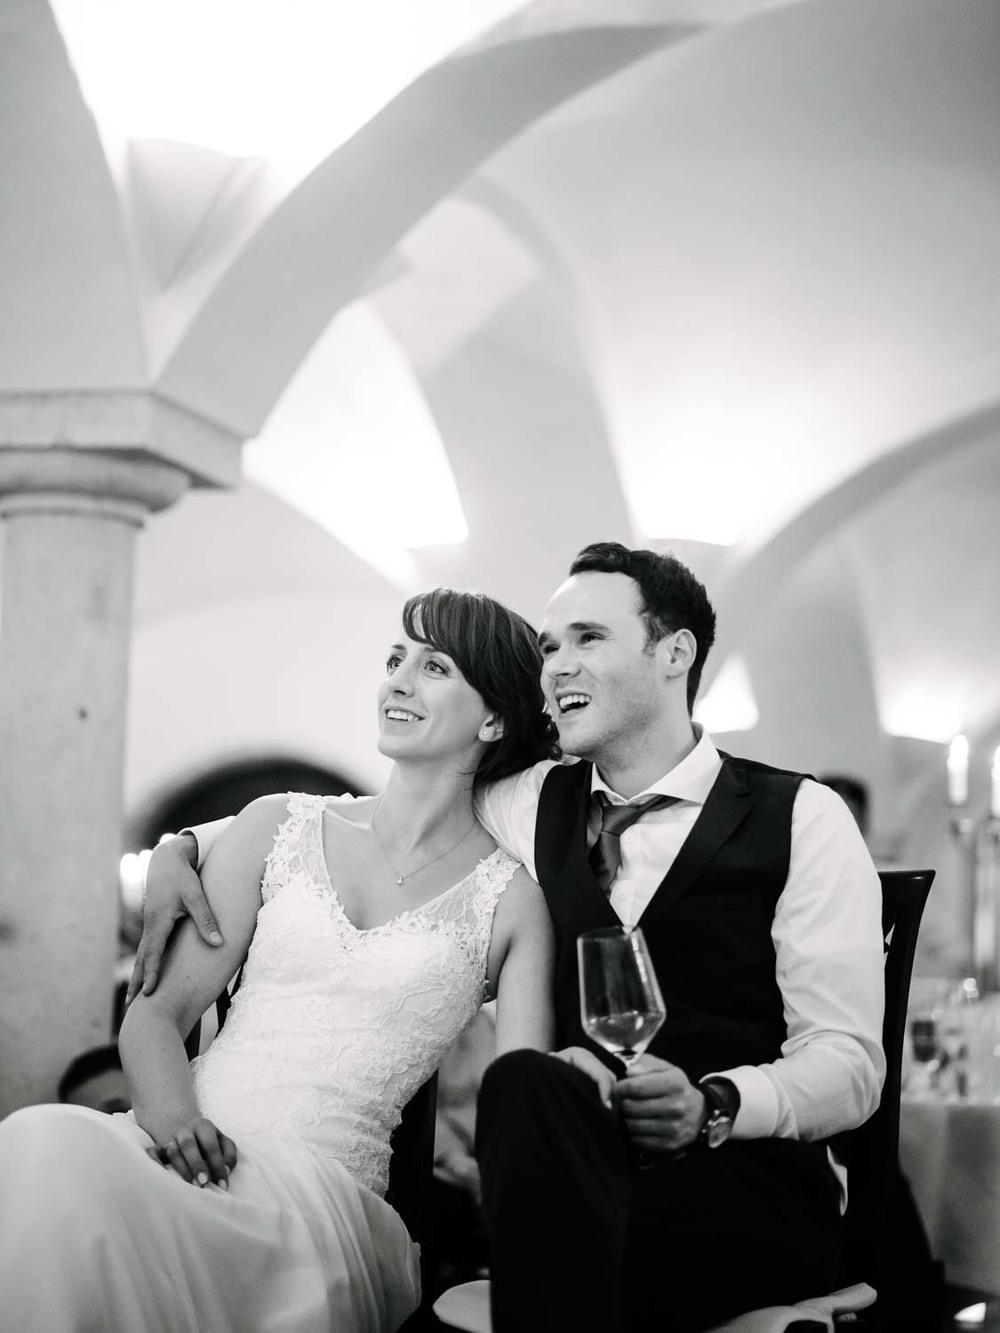 Ehepaar Hochzeitspaar beim Fest Hochzeit Rostocker Fotograf in Augsburg